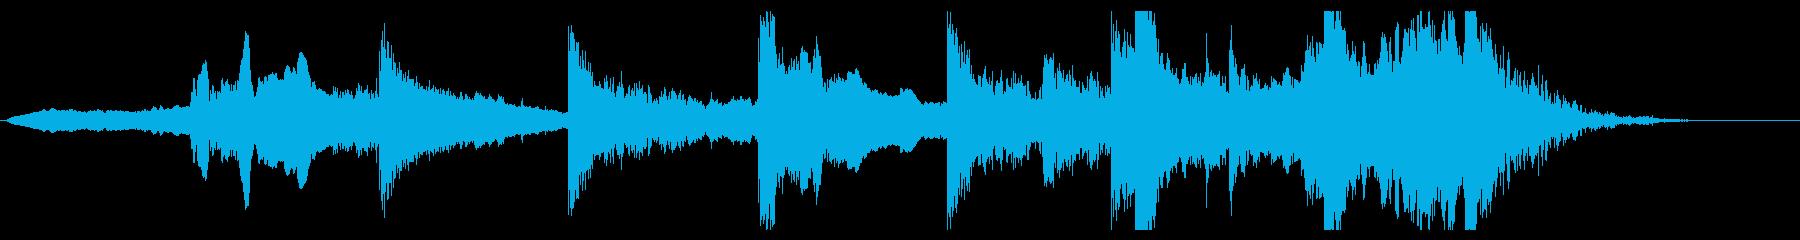 ホルンストリングスから始まるオープニングの再生済みの波形